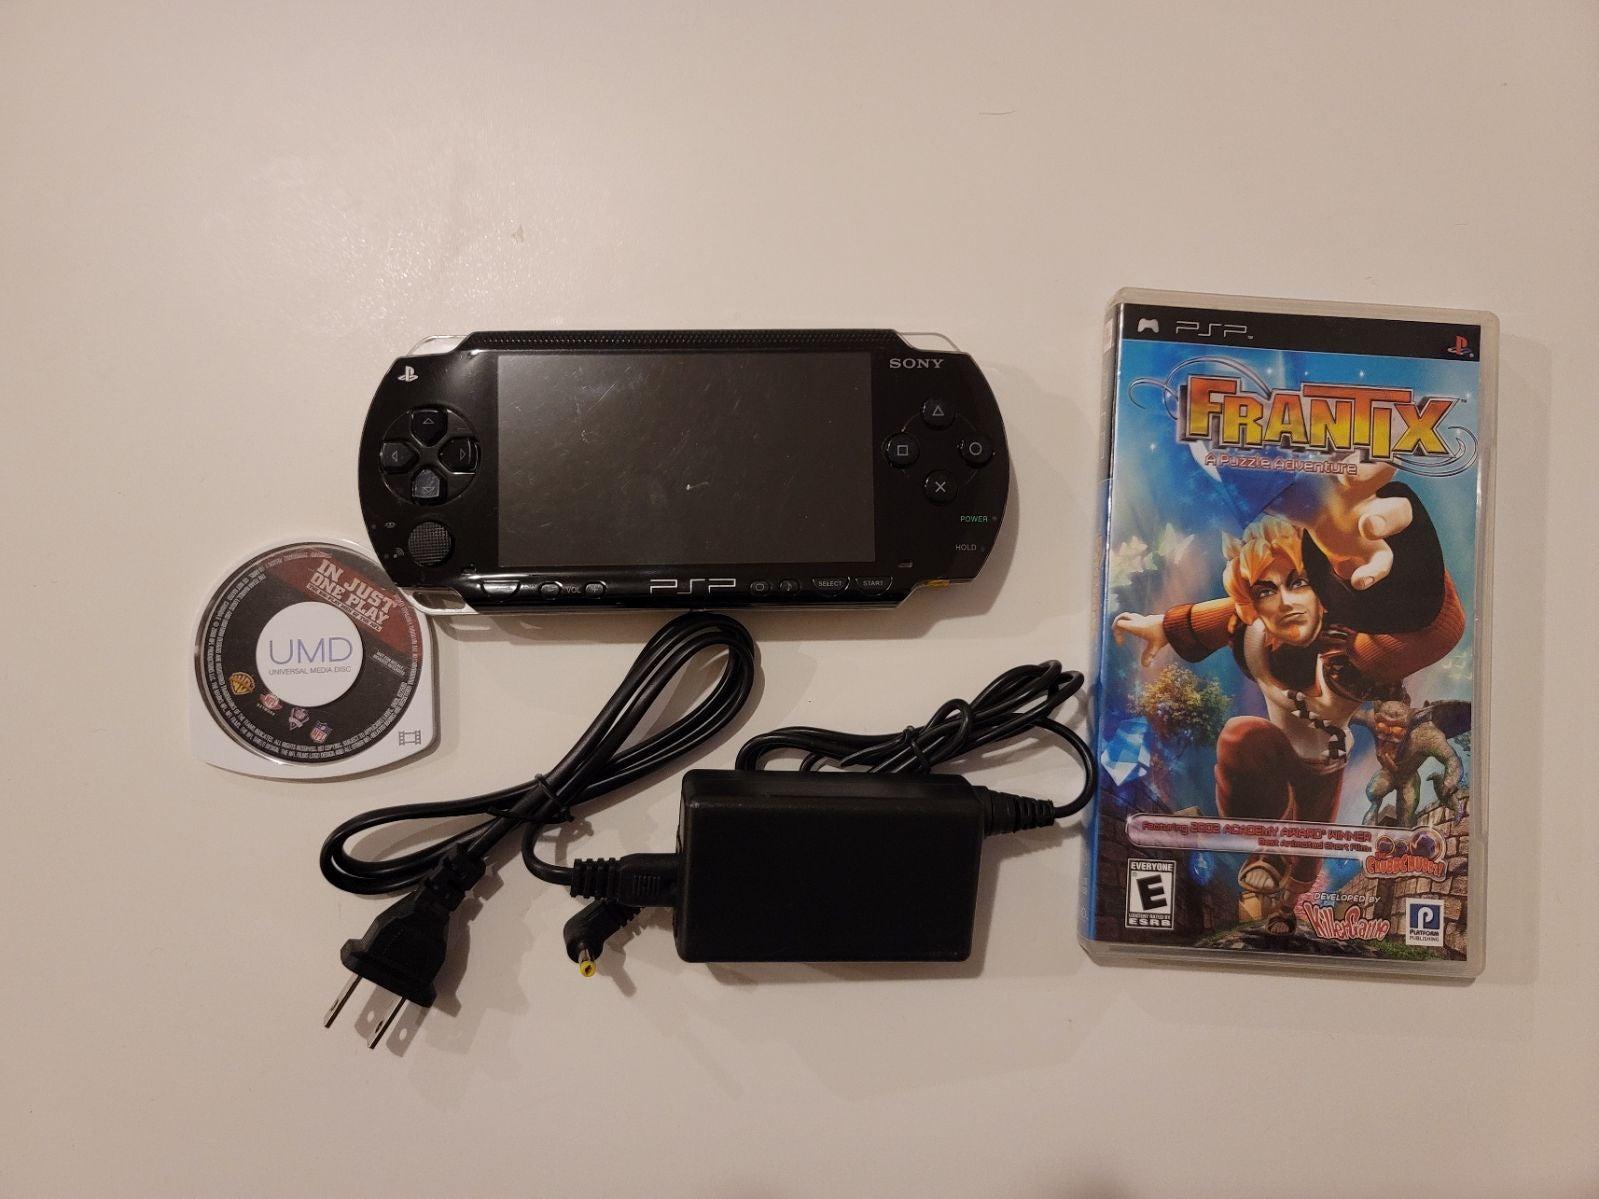 Sony PSP 1000 in Black